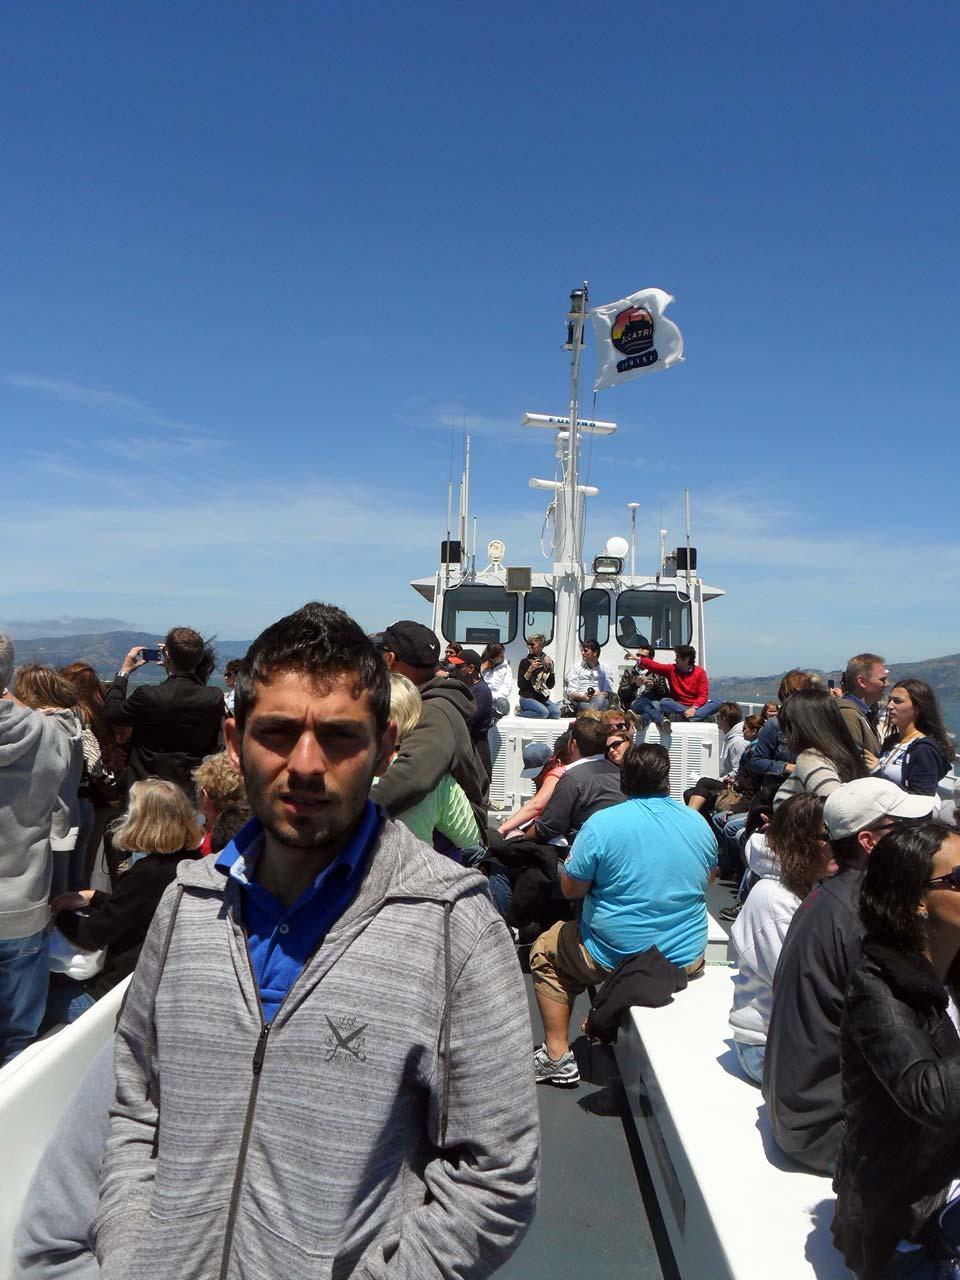 Mülteci gemisiyle Alcatraz Adası'na yolculuk 🙂